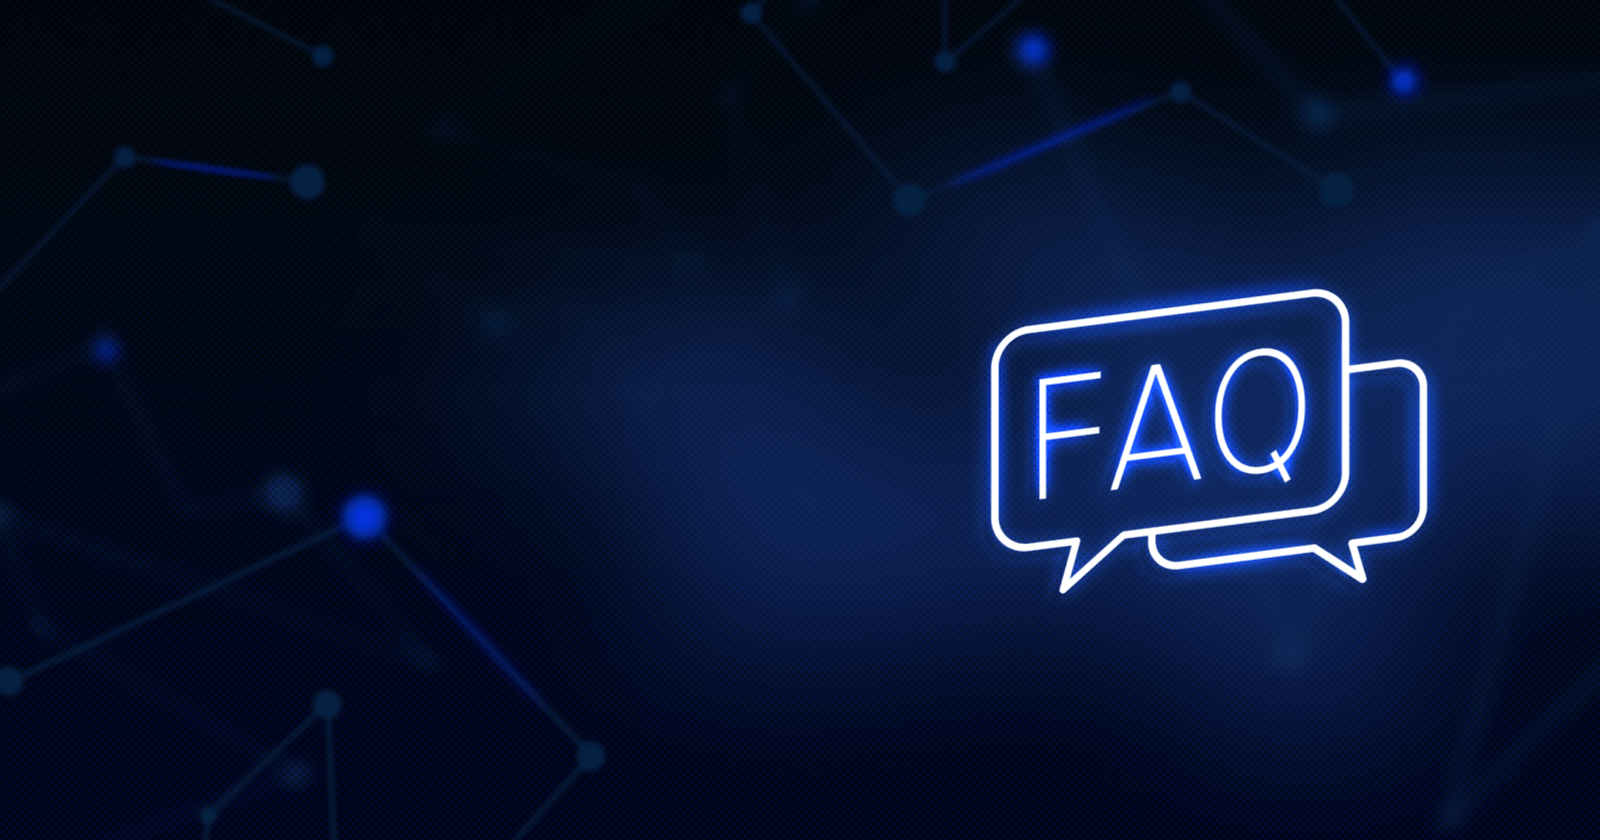 letters FAQ in a speech bubble on dark blue background